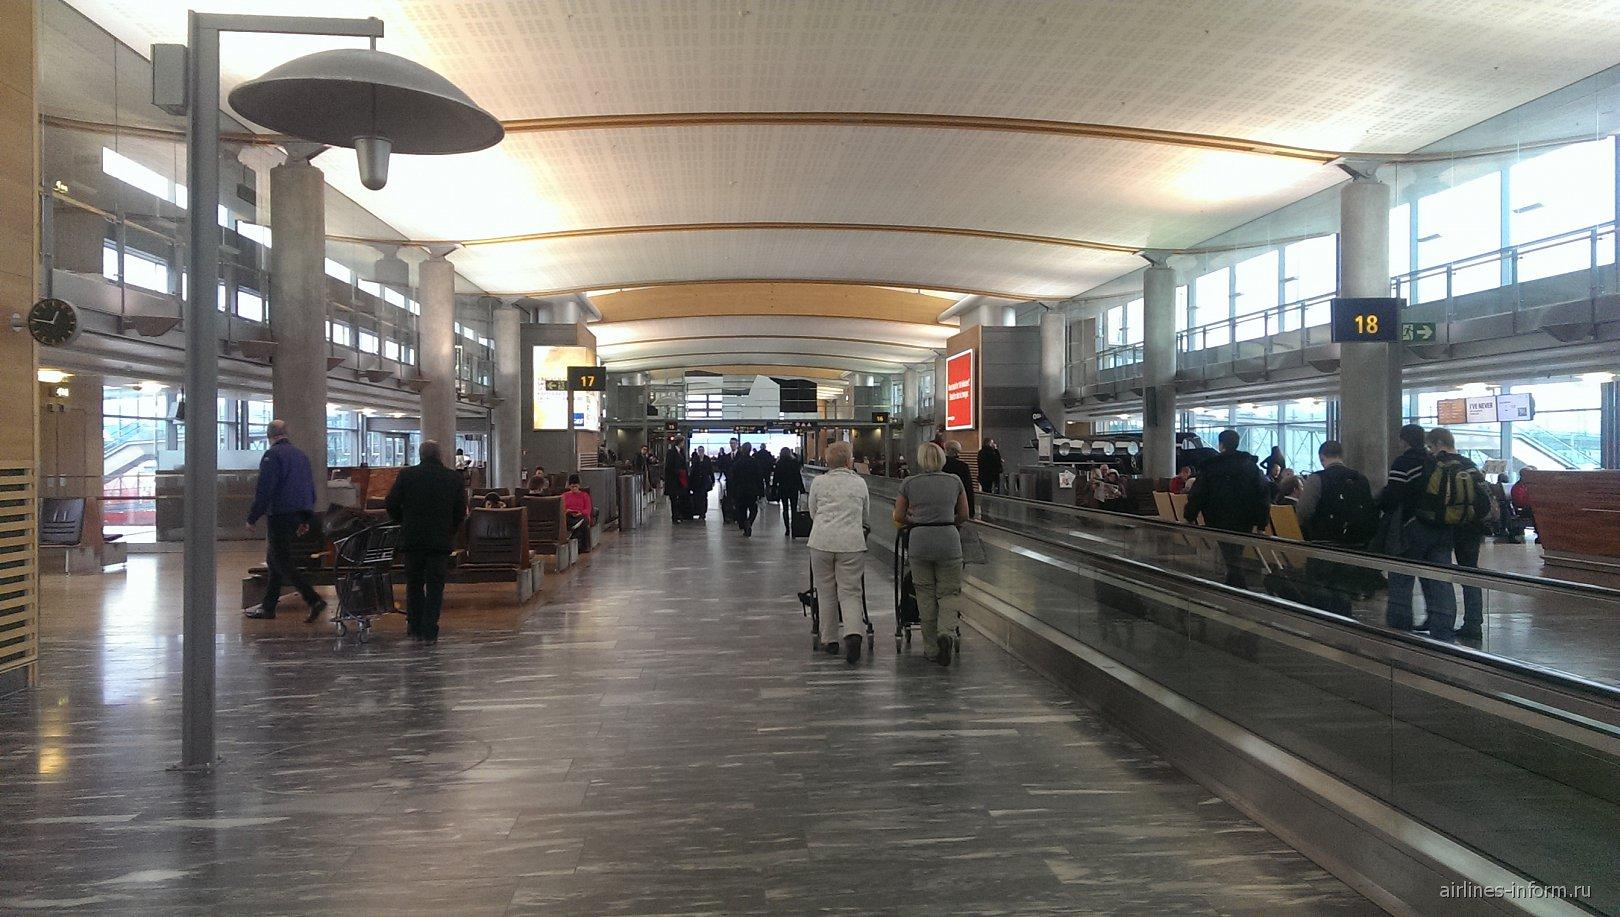 Выходы на посадку в аэропорту Осло Гардермуэн